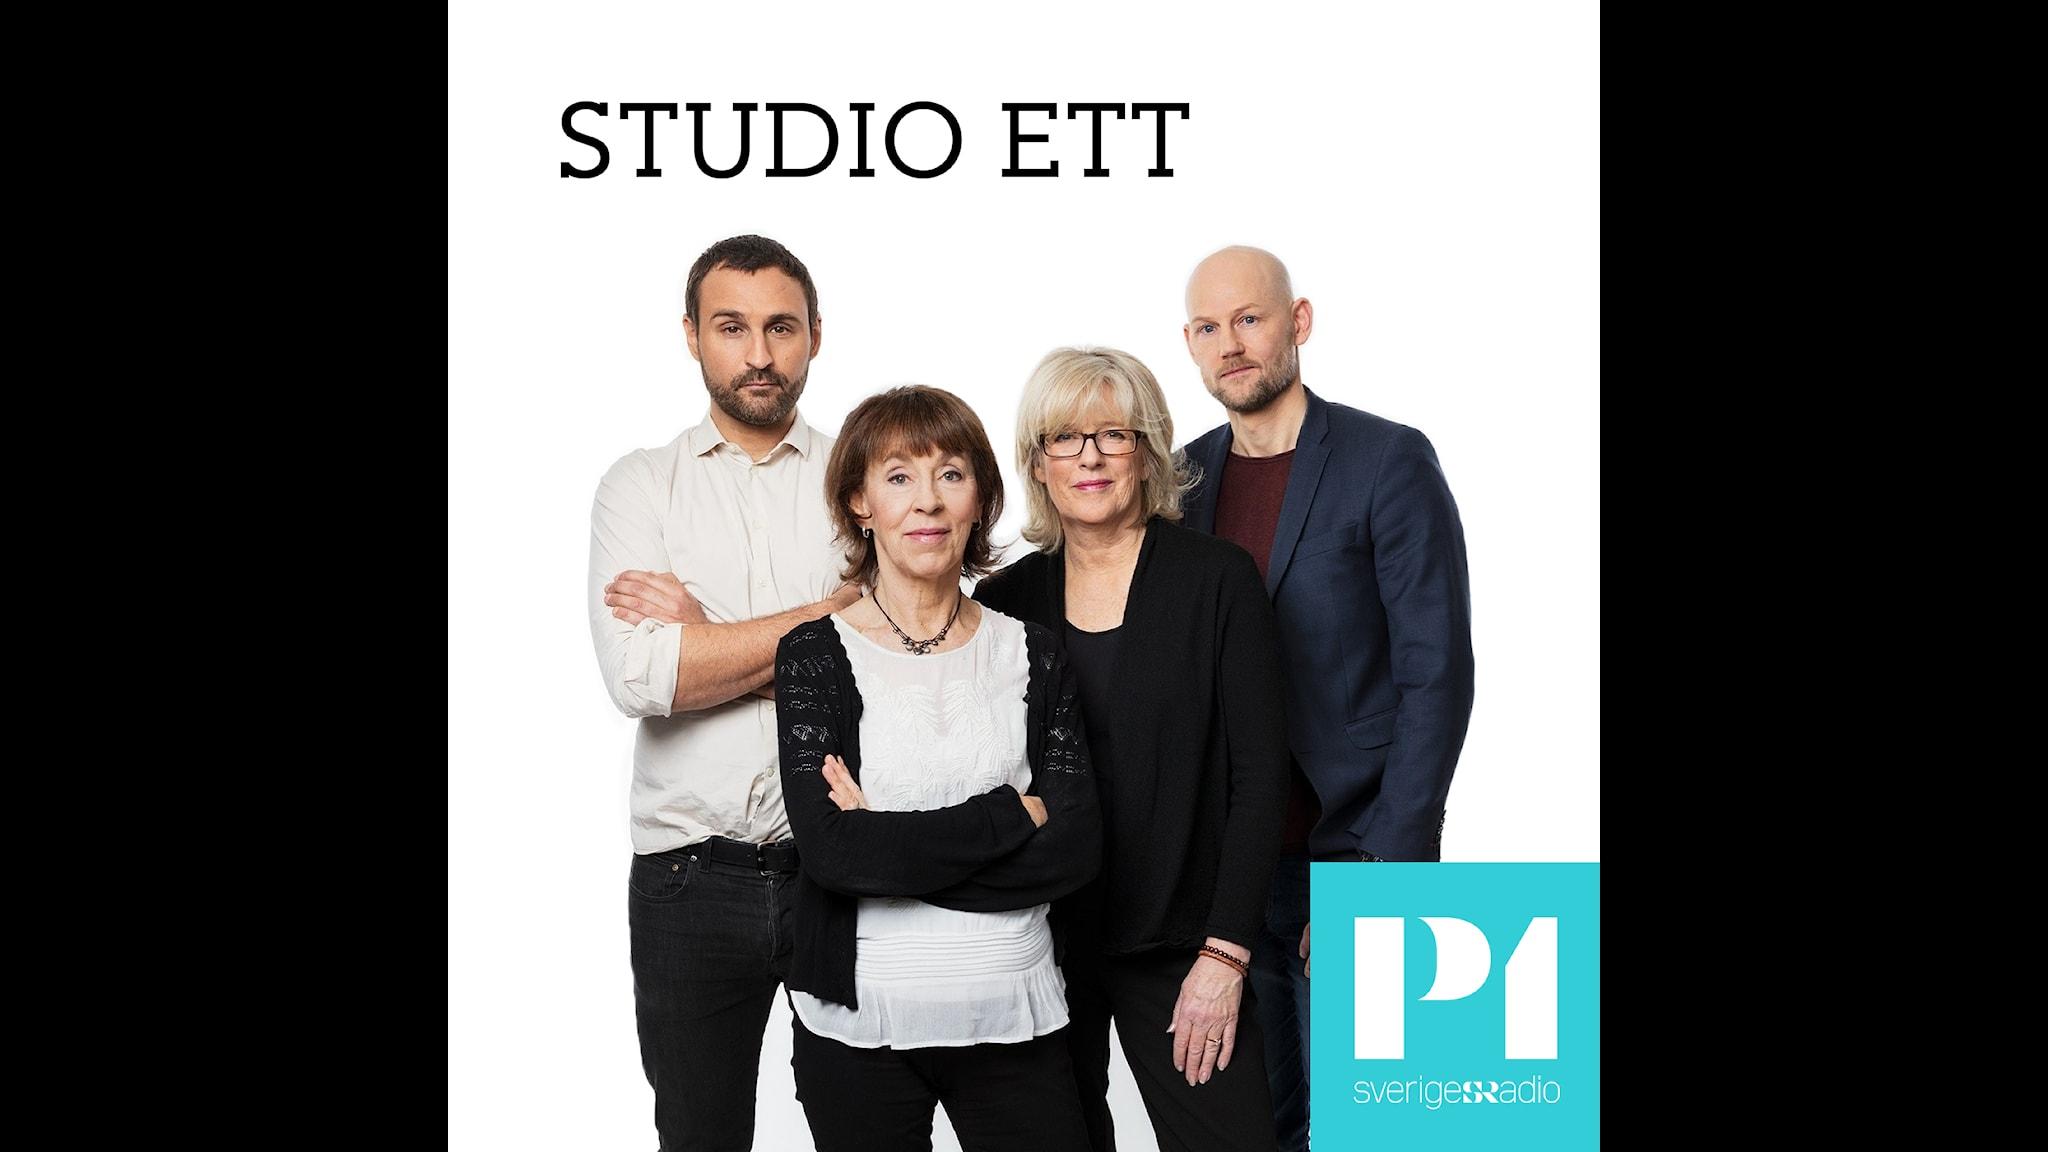 Studio Ett kväll september månad - spela